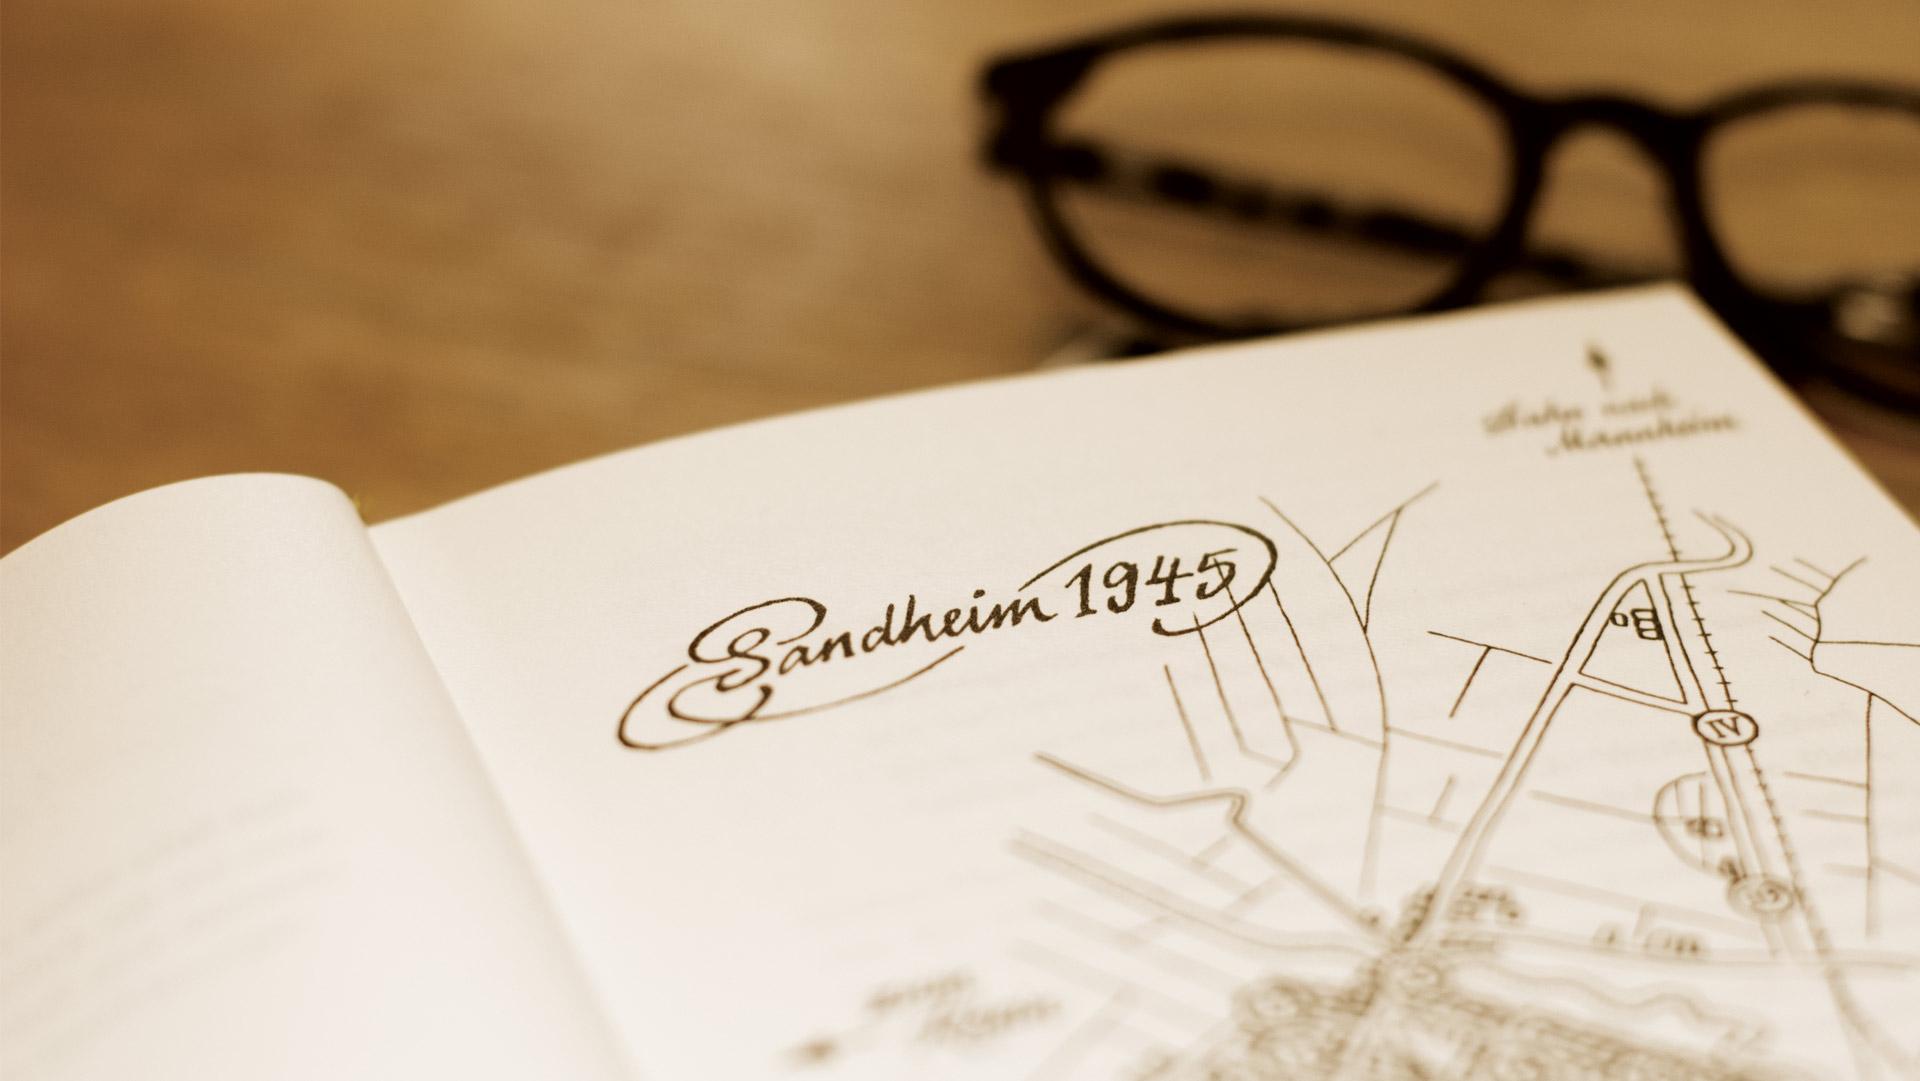 Aufgeklappte Buchseite mit einem Anschnitt der Illustration Sandheim 1945